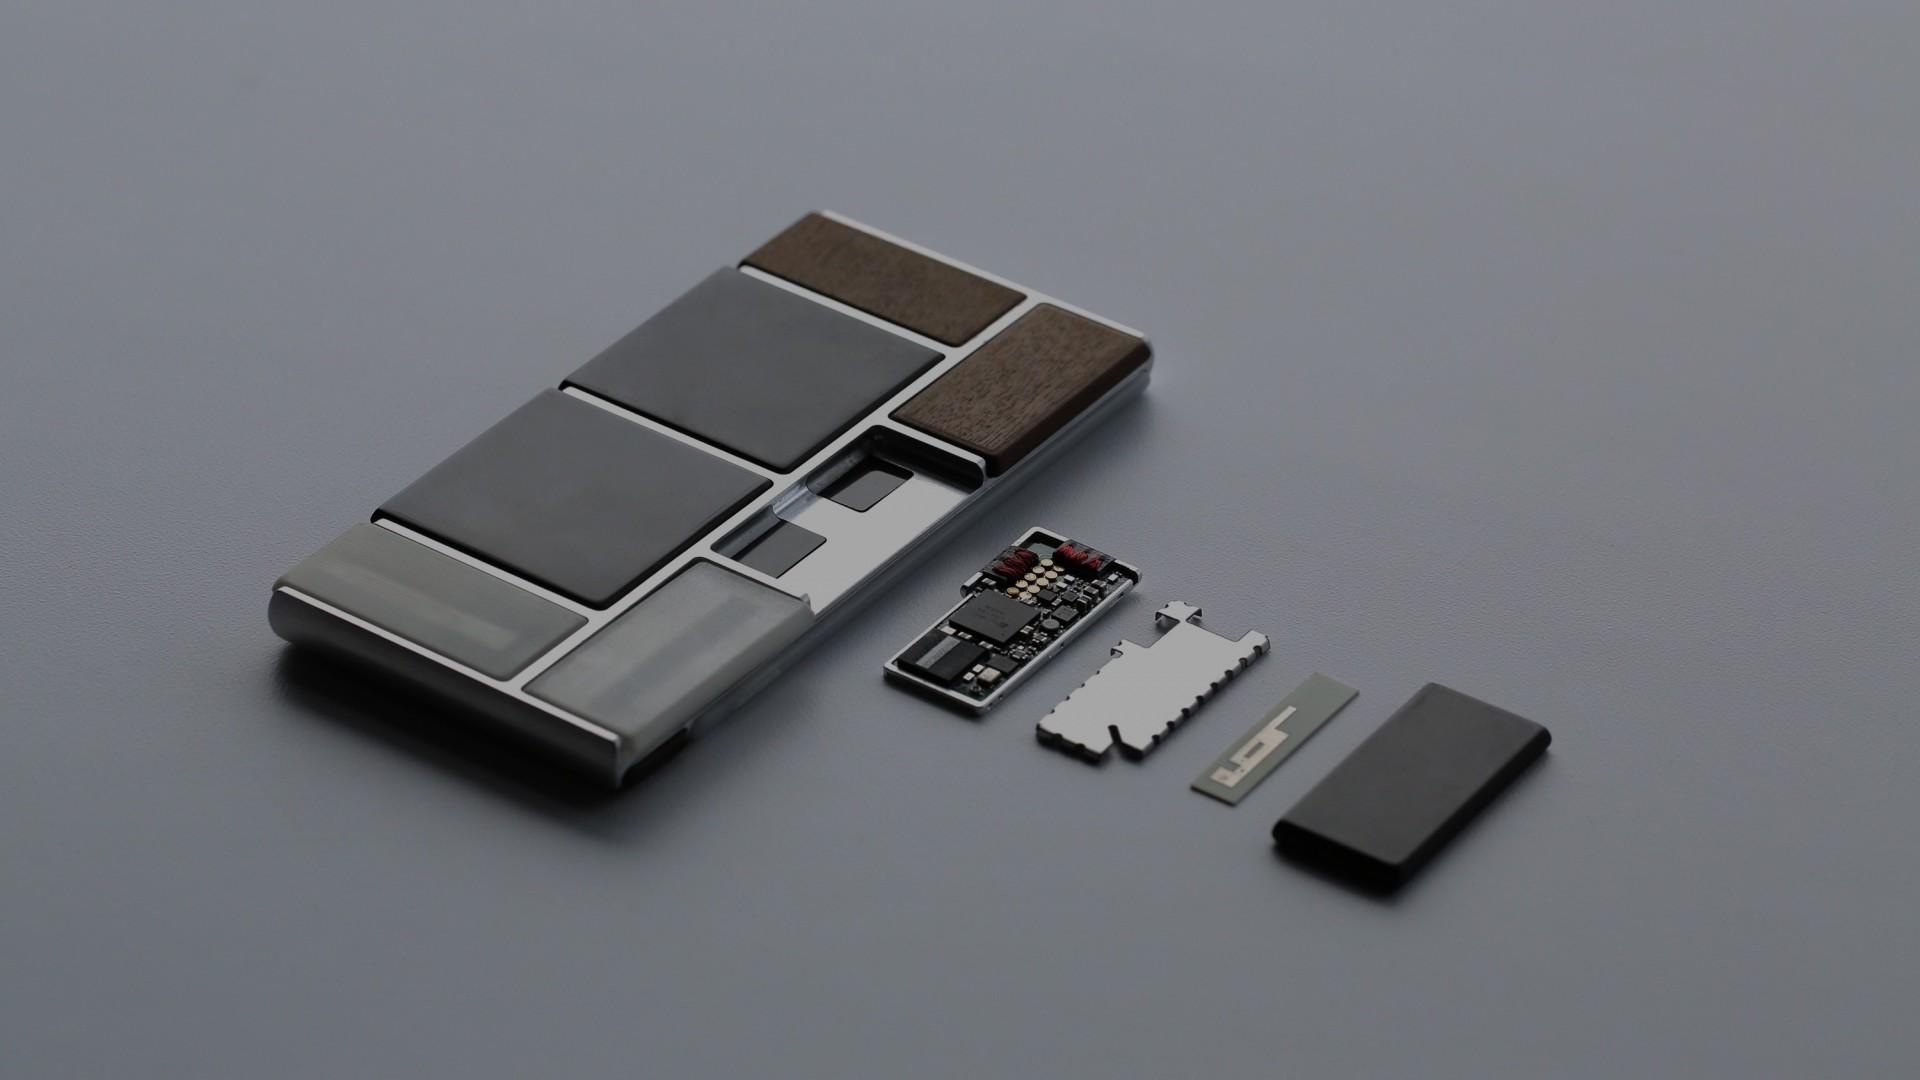 Wallpaper project ara, phone, hi-tech